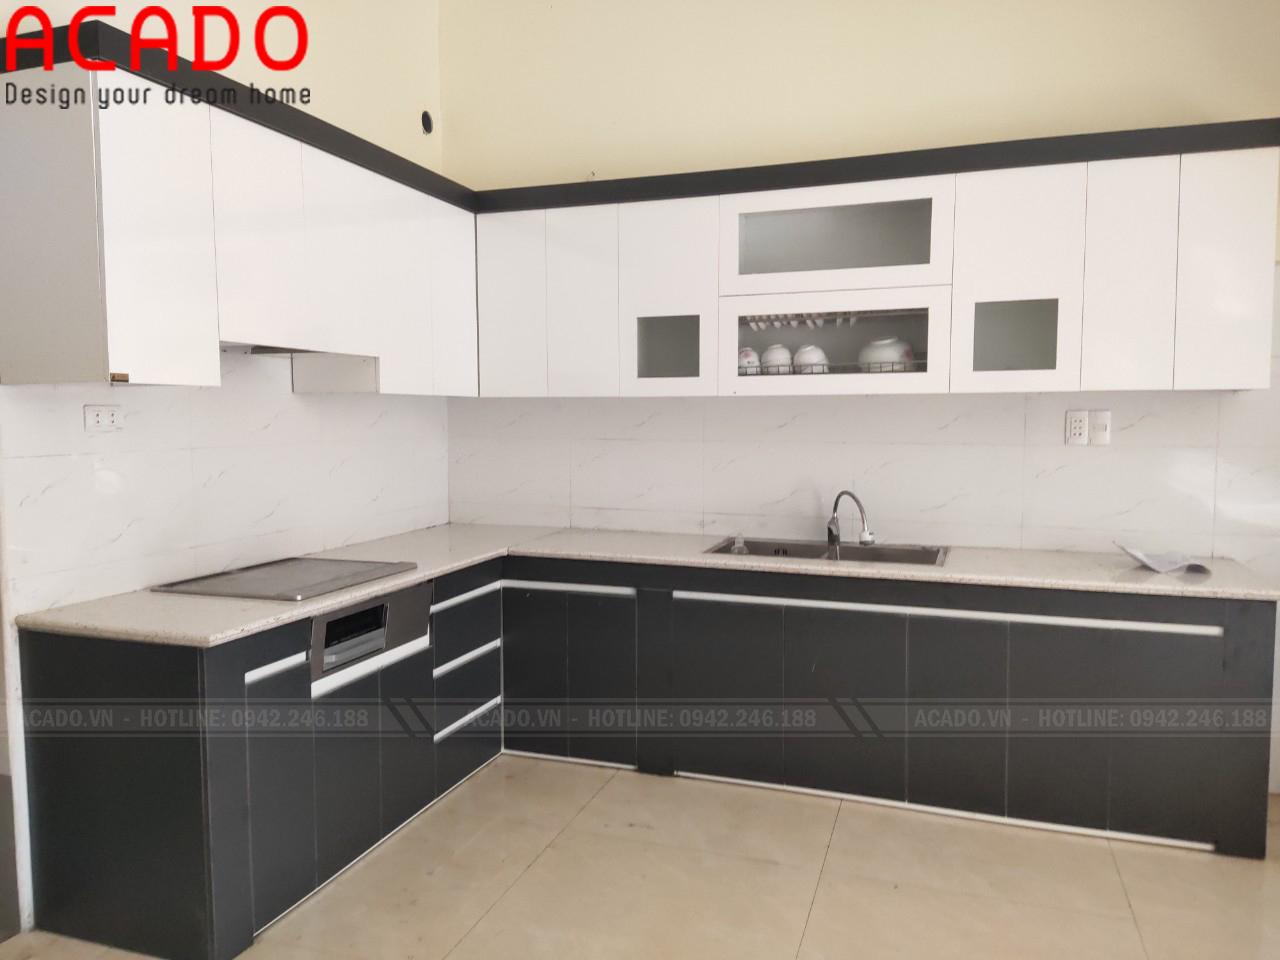 Tủ bếp thiết kế hiện đại, sang trọng không bao giờ lỗi mốt - Nội thất ACADO